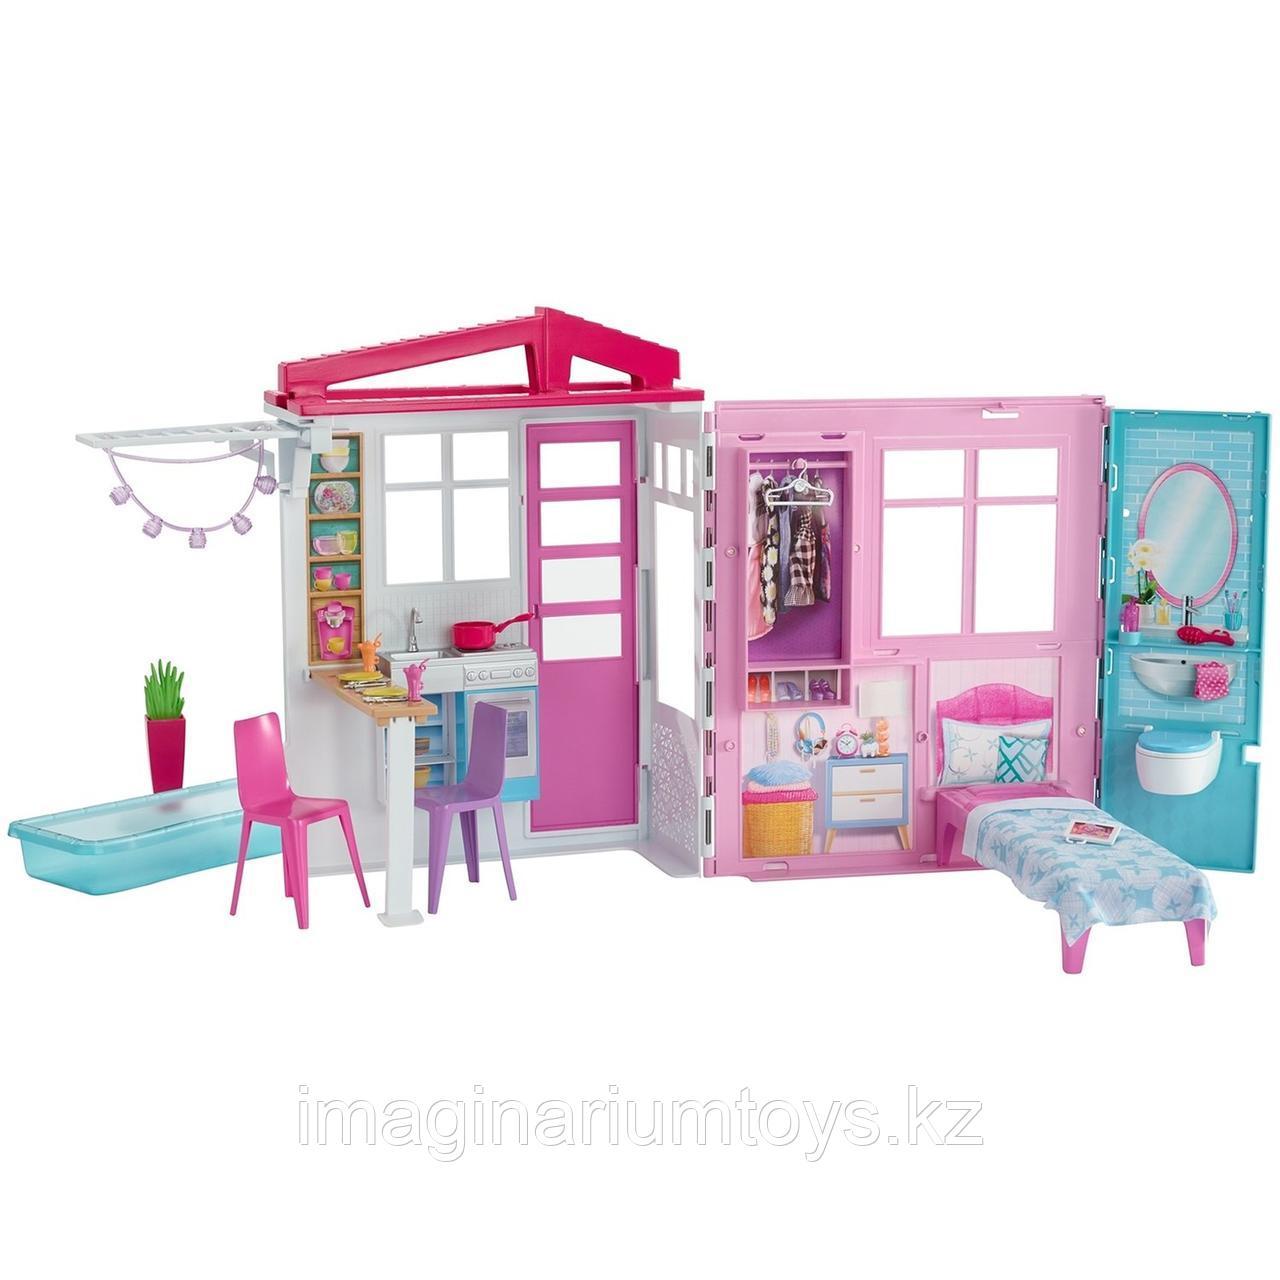 Barbie кукольный дом Барби FXG54